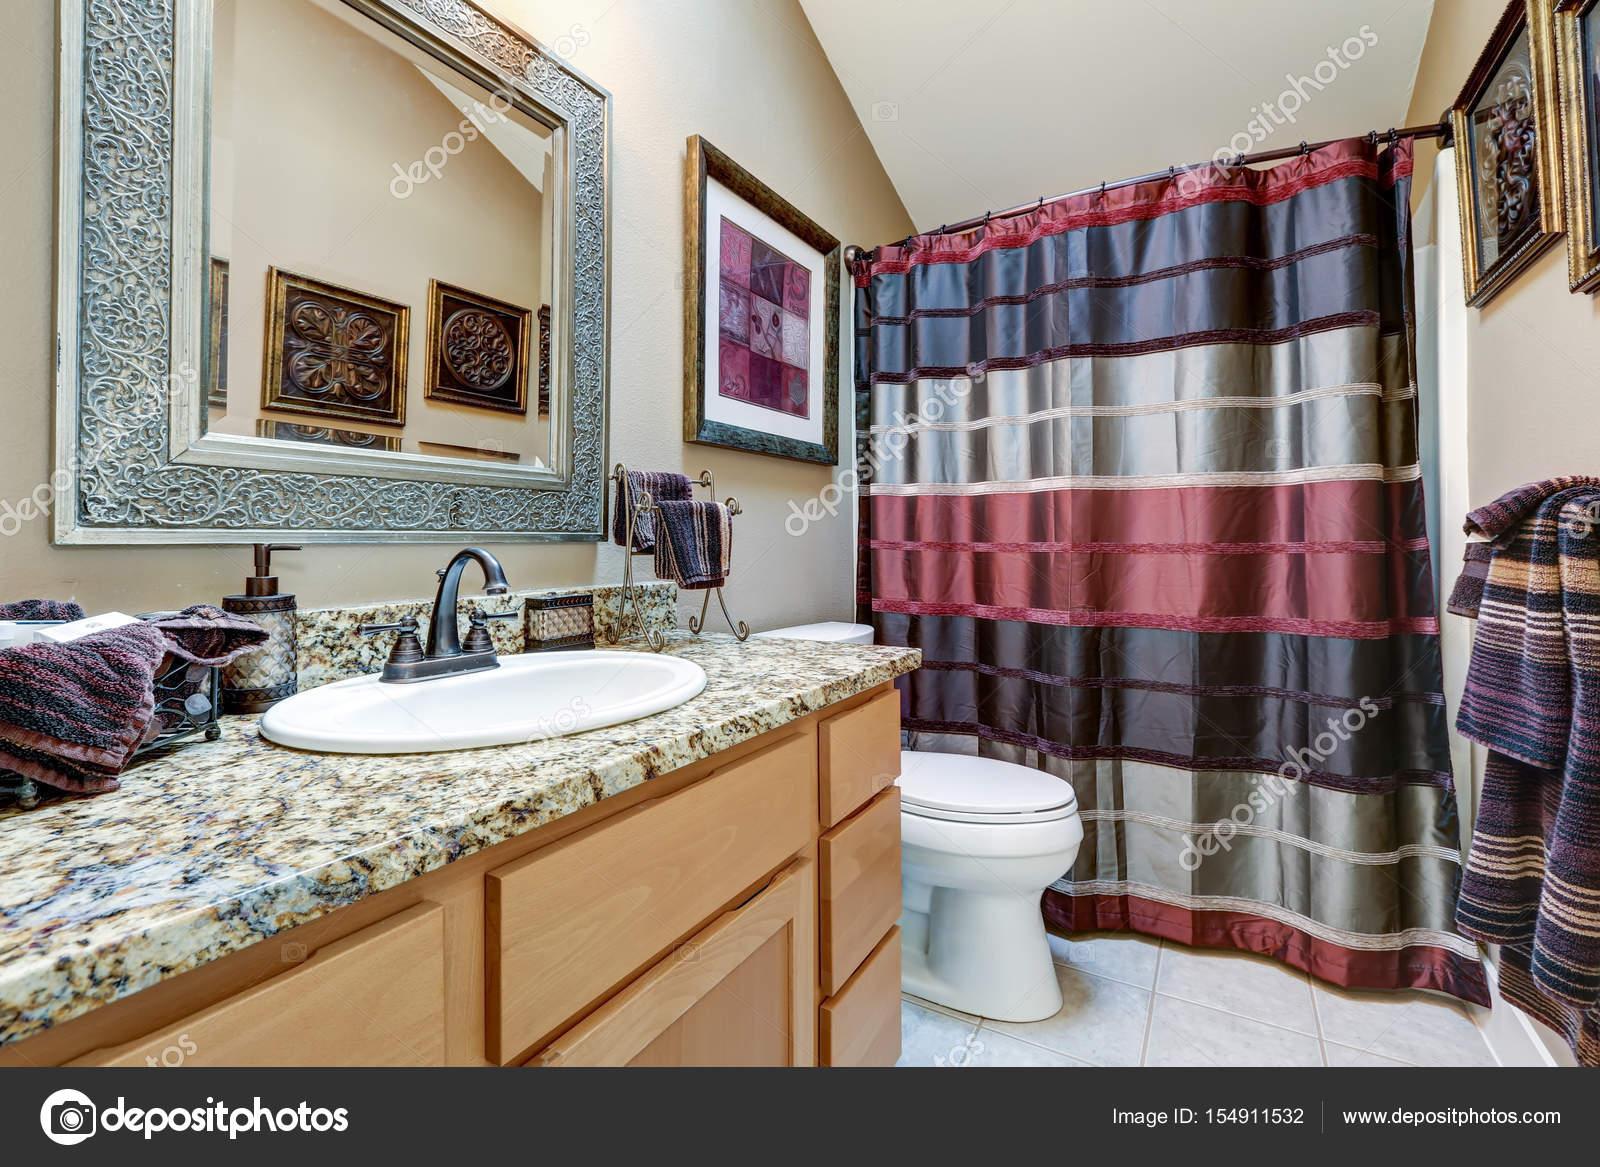 Chique Badkamer Ontwerp : Ontwerpeigenschappen chique badkamer ijdelheid kabinet met graniet